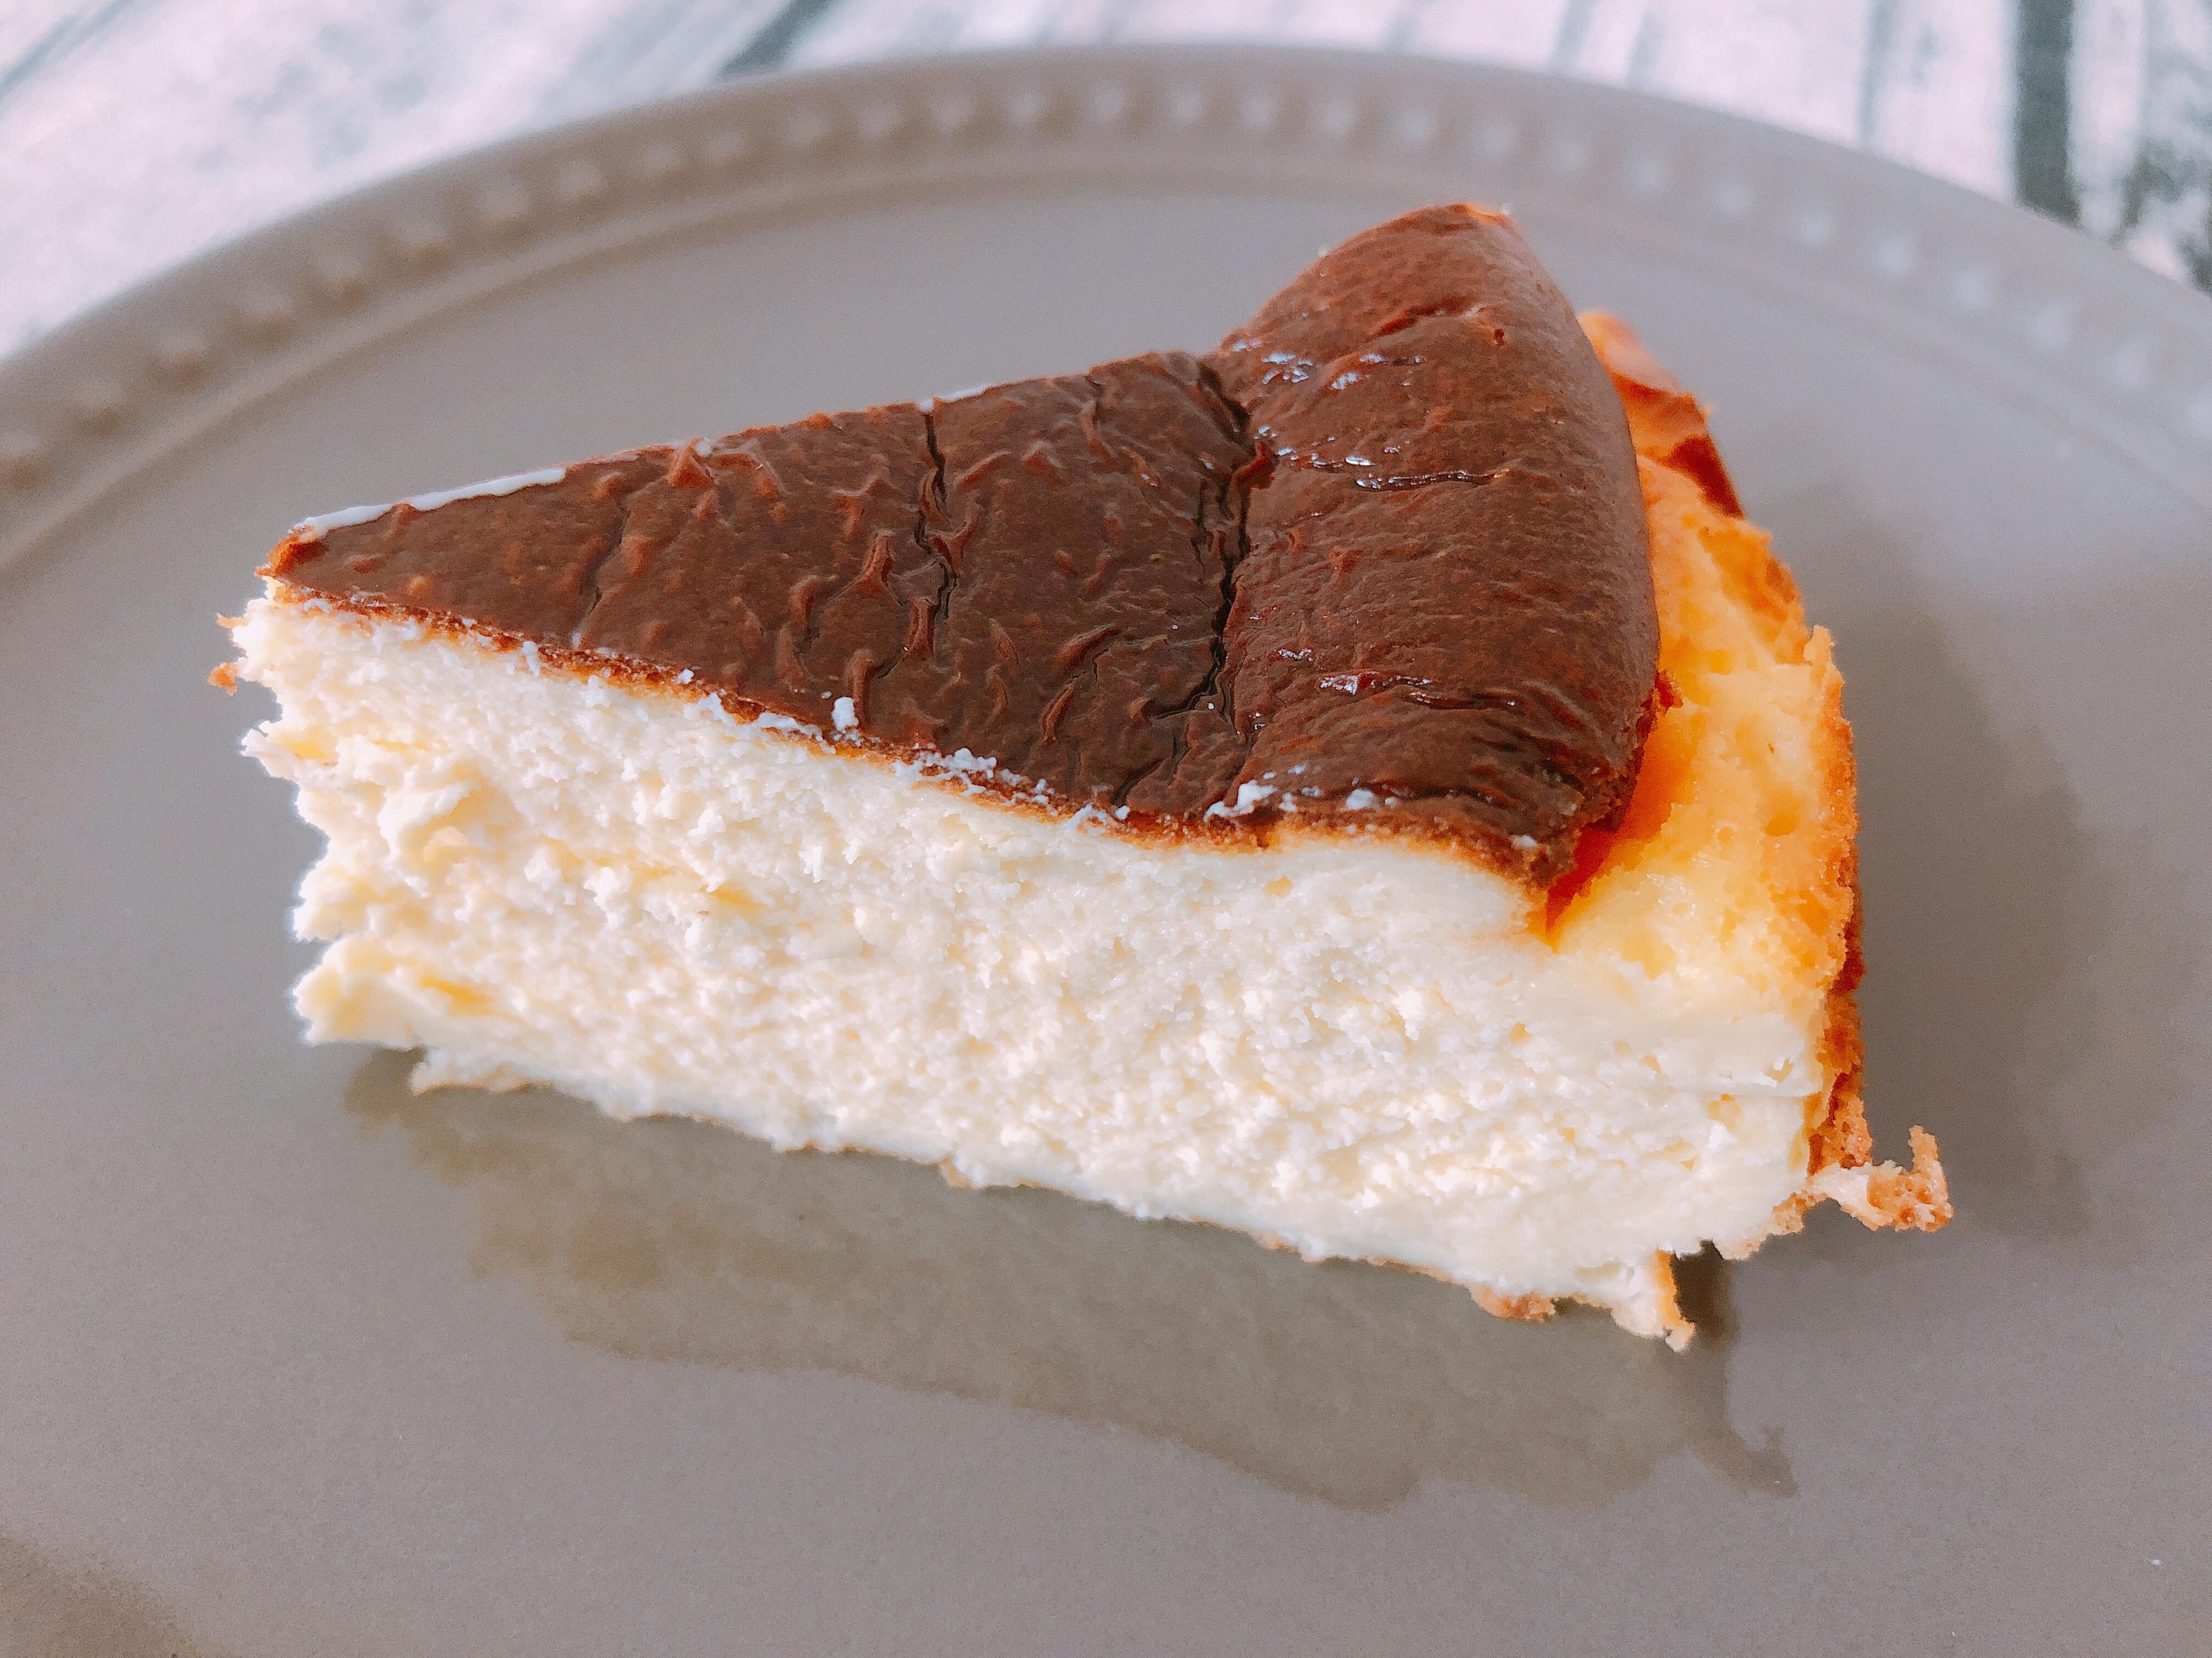 氣炸鍋料理-夯到不行的巴斯克乳酪蛋糕